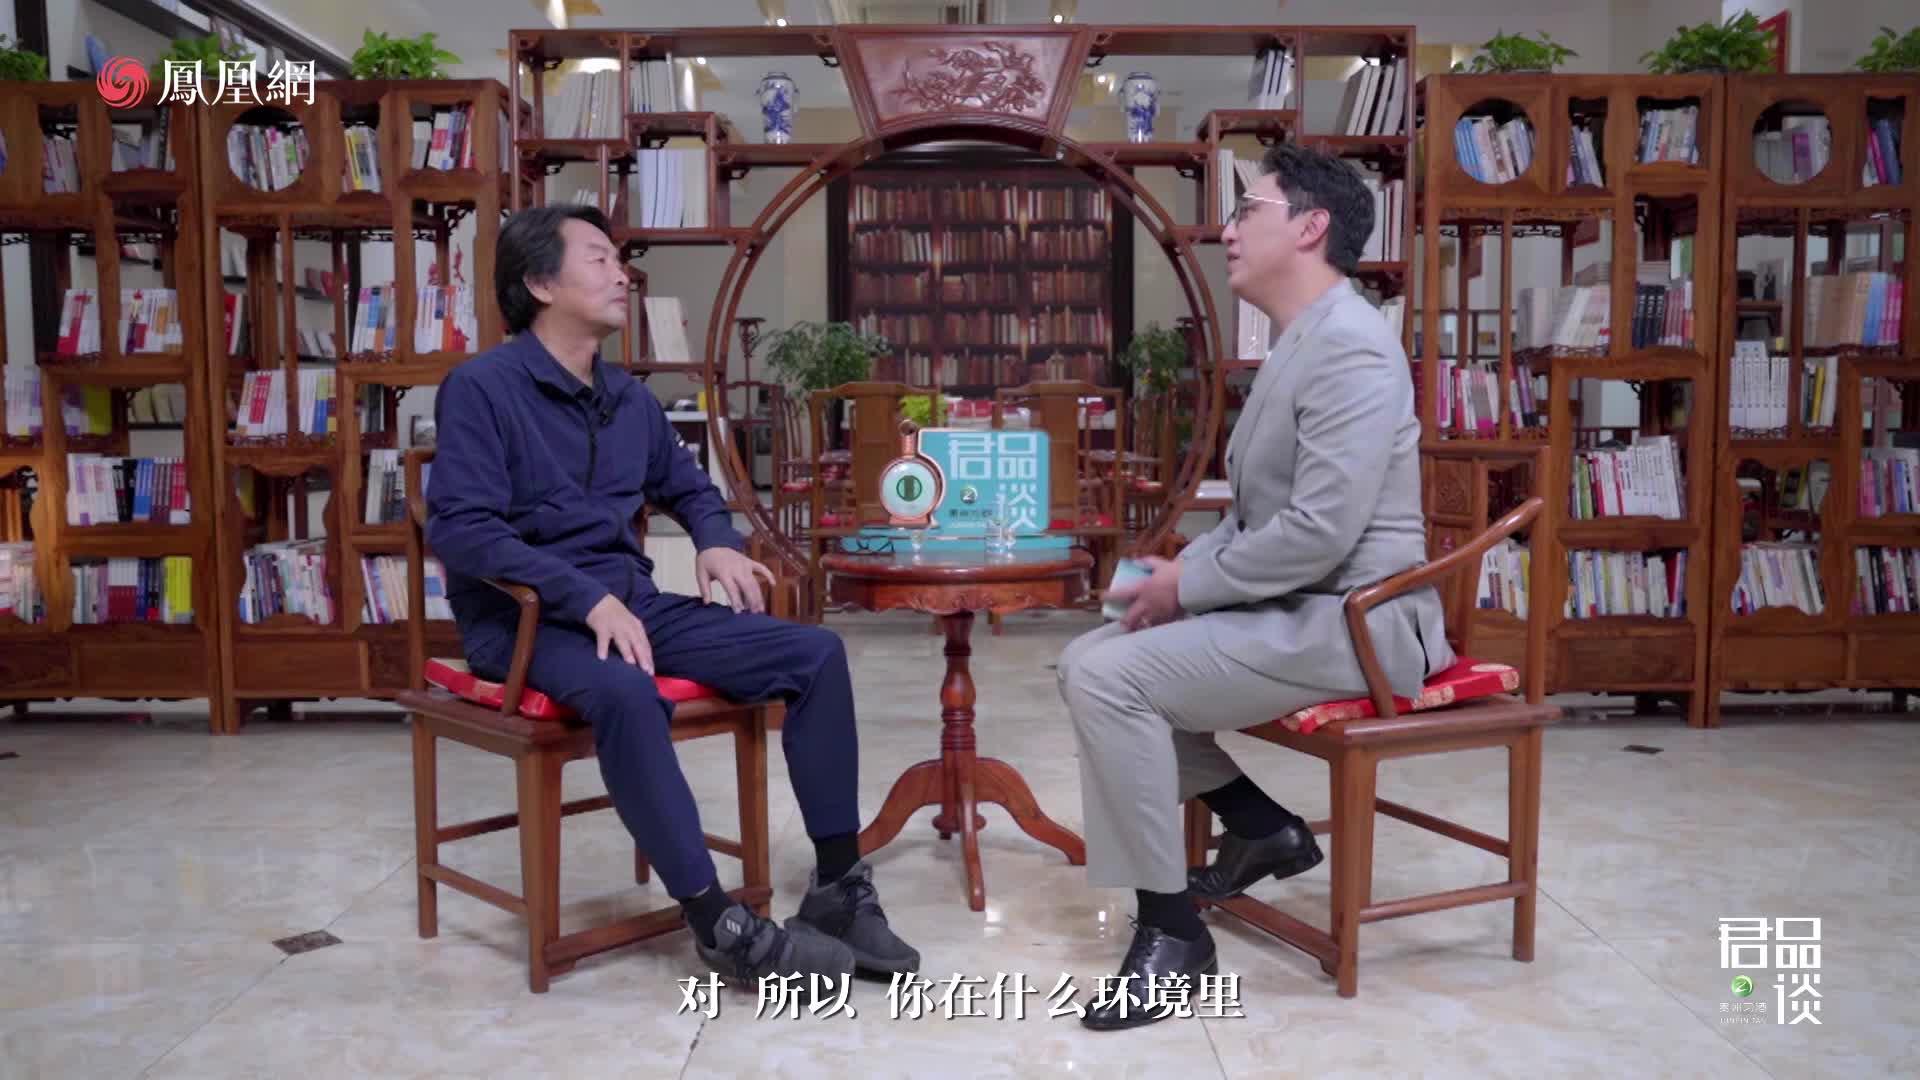 凤凰网《君品谈》 刘震云:我当作家是误入歧途